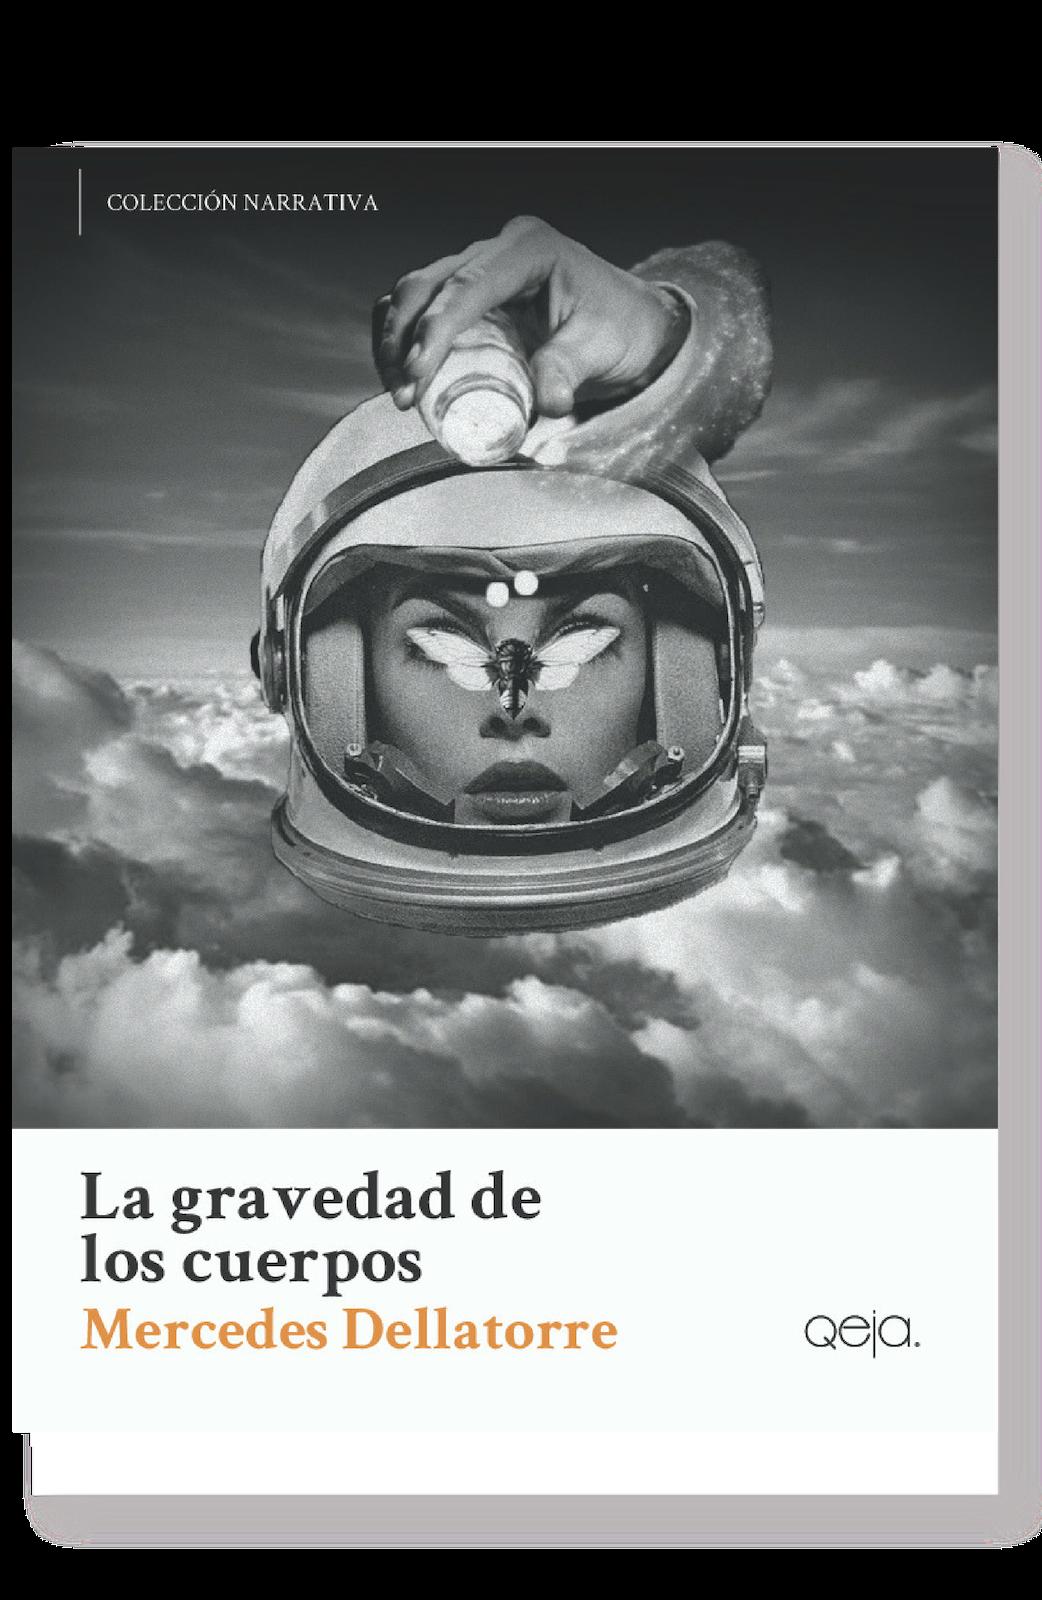 mercedes dellatorre - la gravedad de los cuerpos - qeja ediciones.png